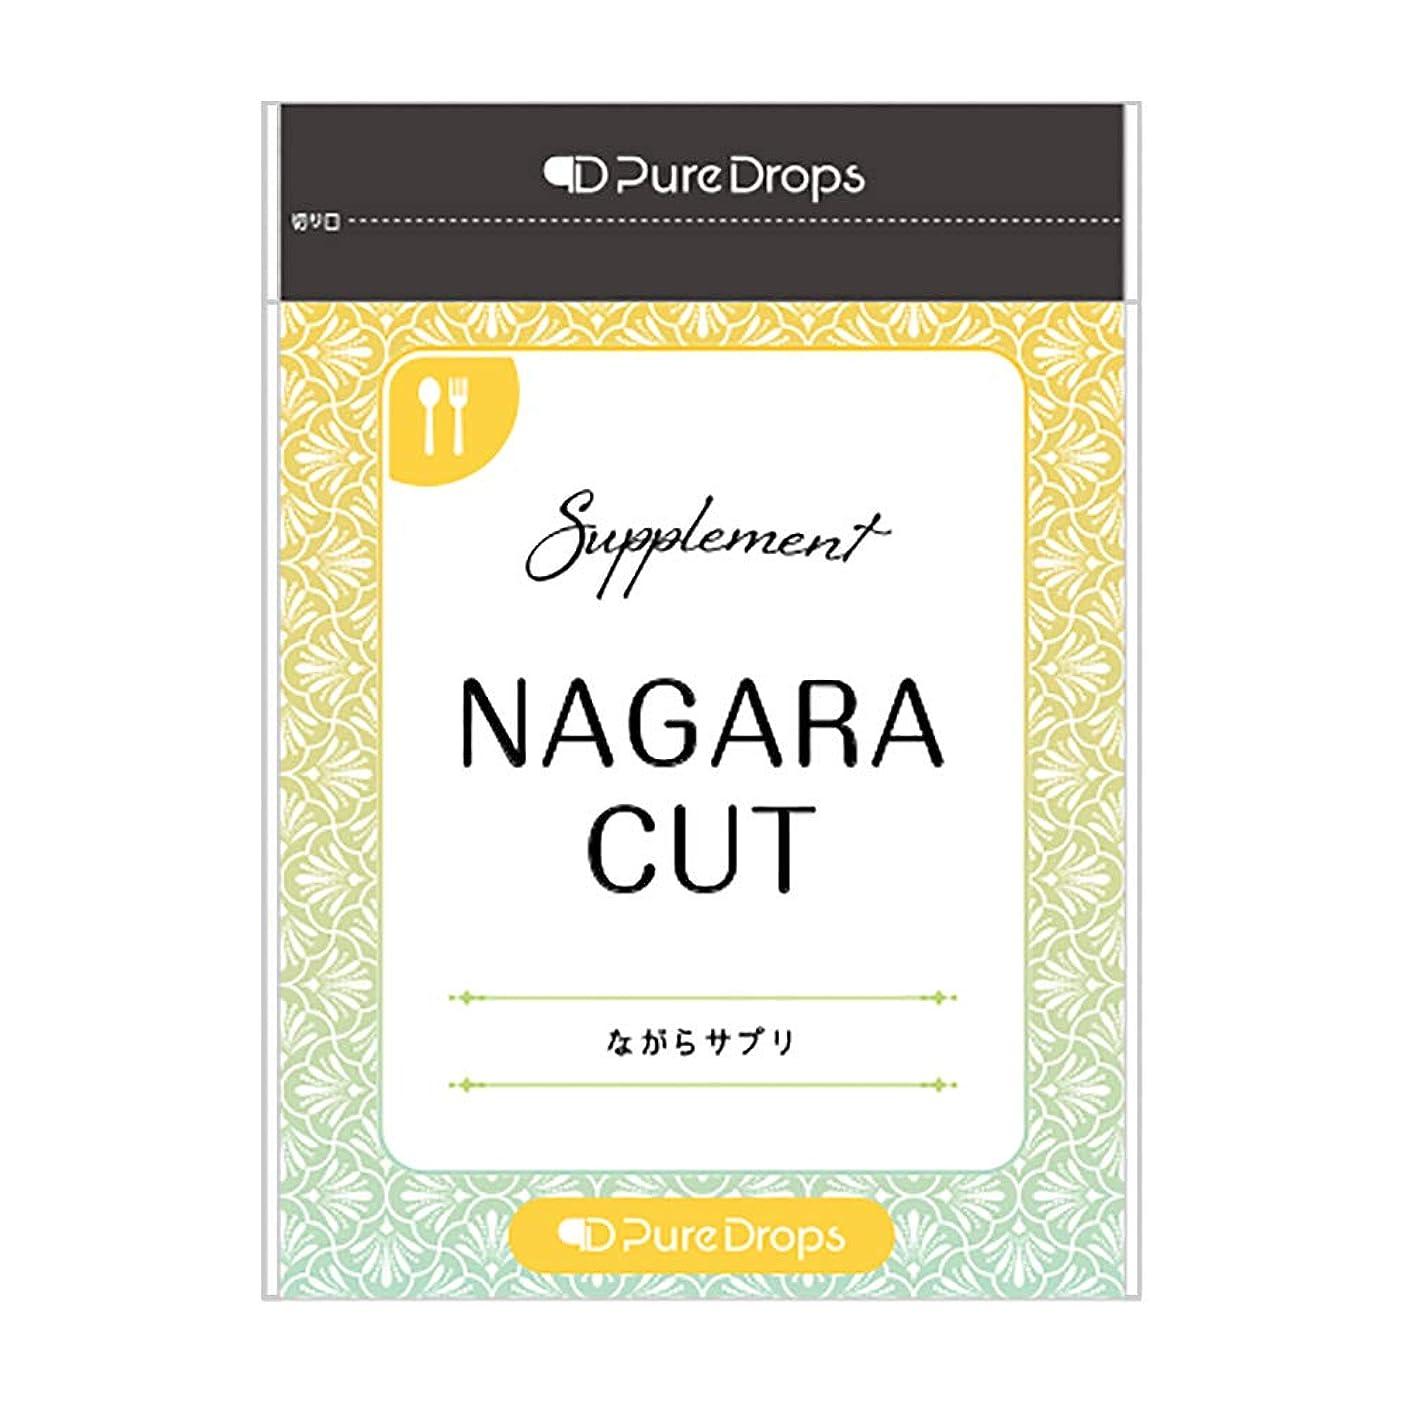 うがい薬放課後樫の木NAGARA-CUT ~ ながらカット (約30日分)60粒 サラシア ギムネマ 白いんげん